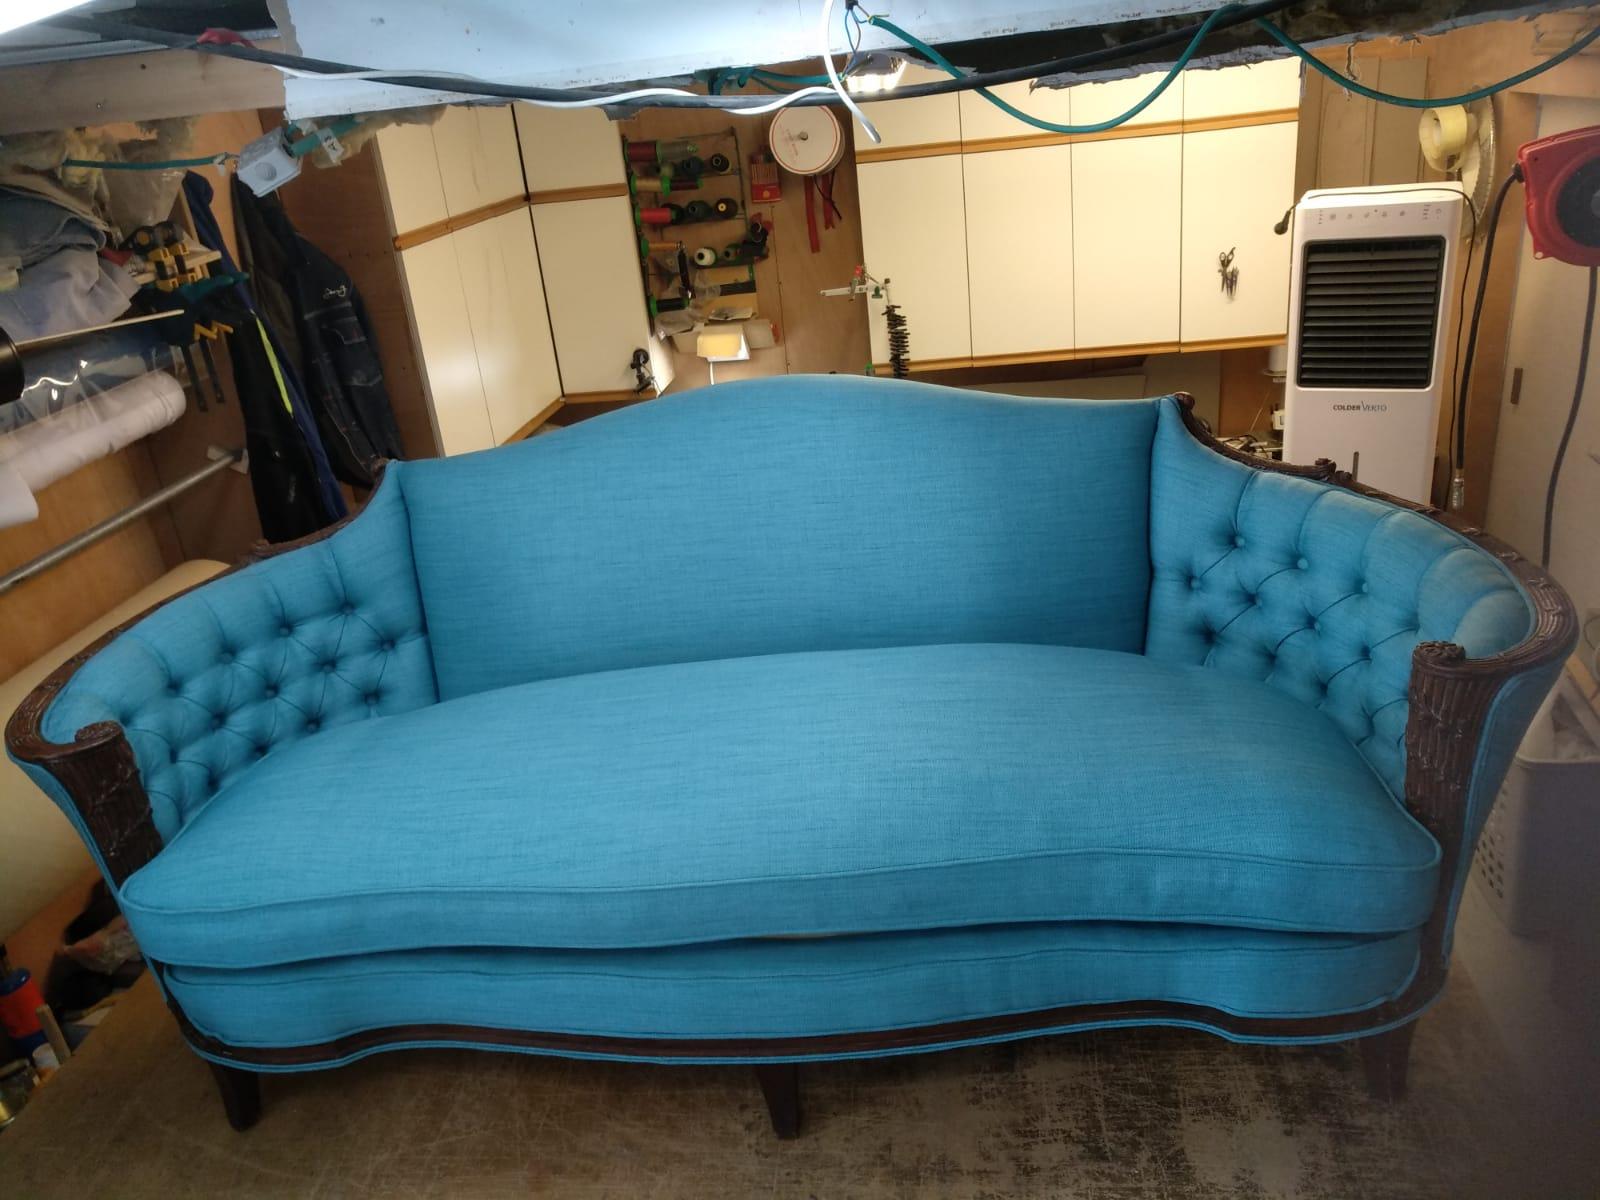 ריפוד רהיטים - ריפוד ספה - ספה בתהליך ריפוד ברסטורנו